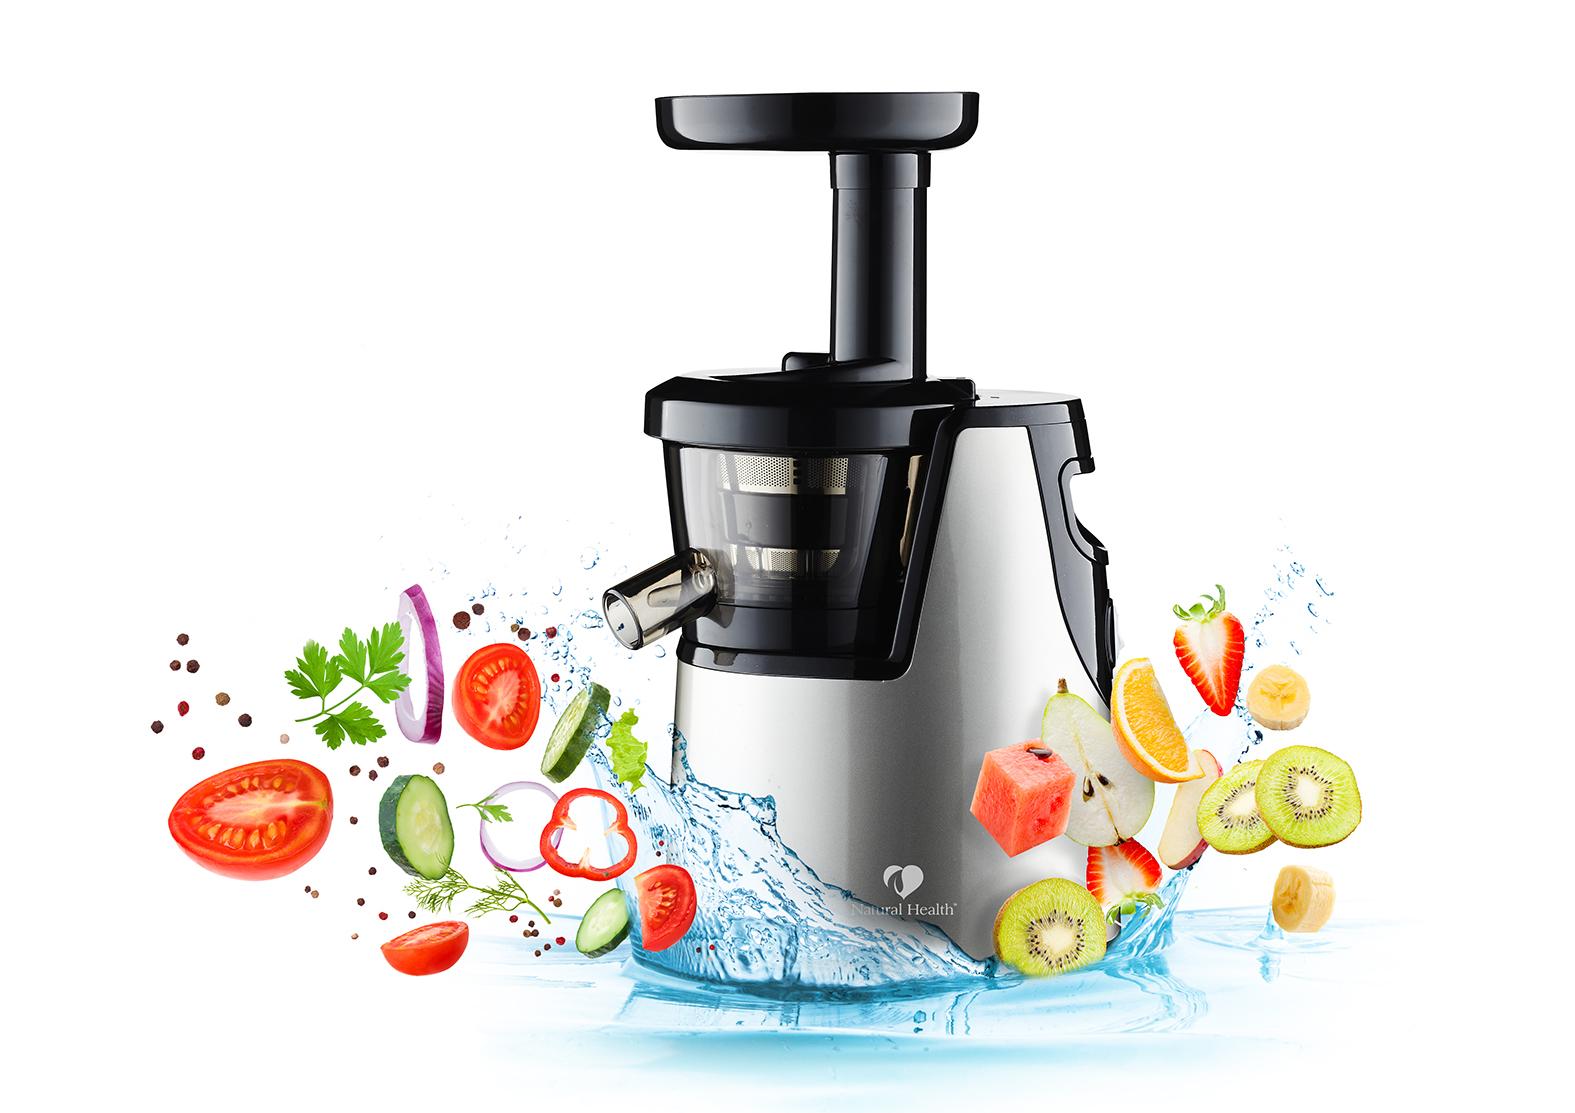 NutriPress Slow Juicer Natural Health